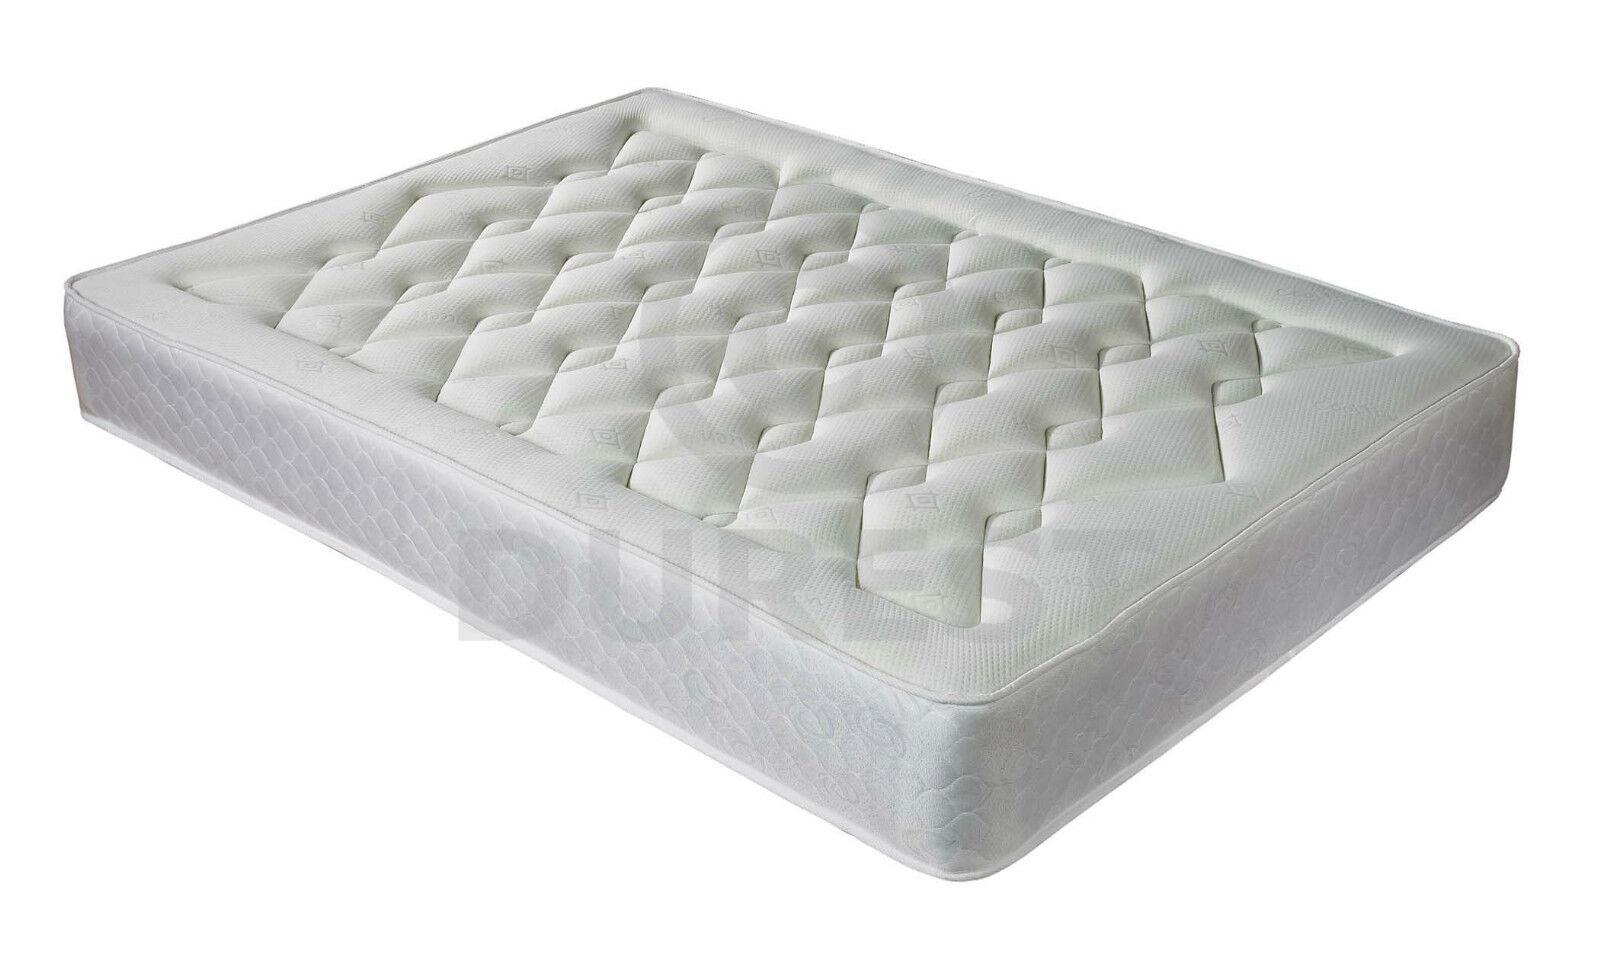 Luxury 1500 Pocket Spring Memory Foam Mattress 10 3ft Single 4ft6 Double 5ft